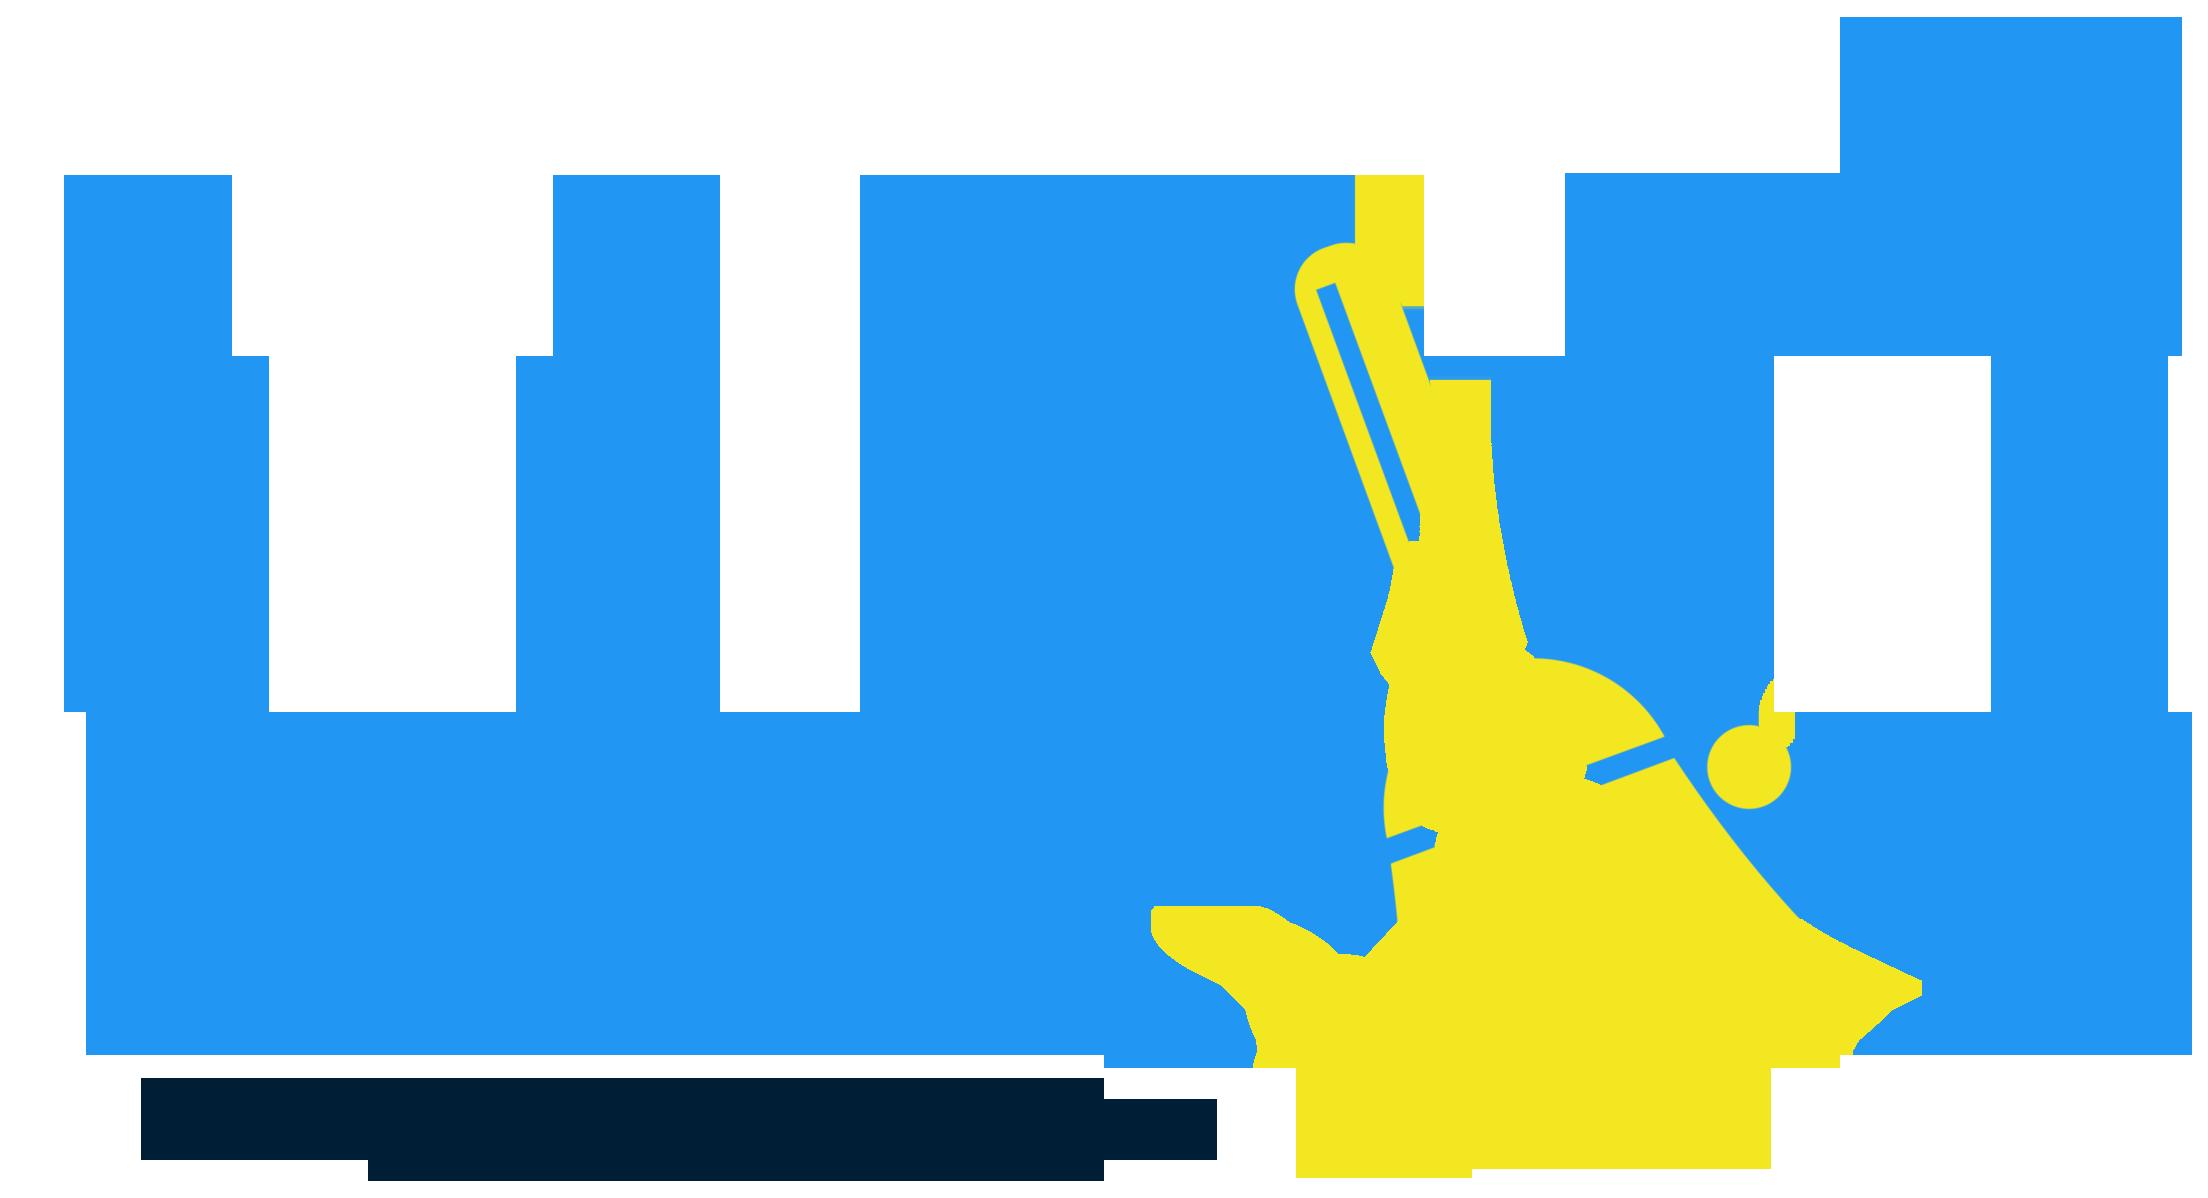 لوجو شركة يو - ار - سي للخدمات المتكاملة